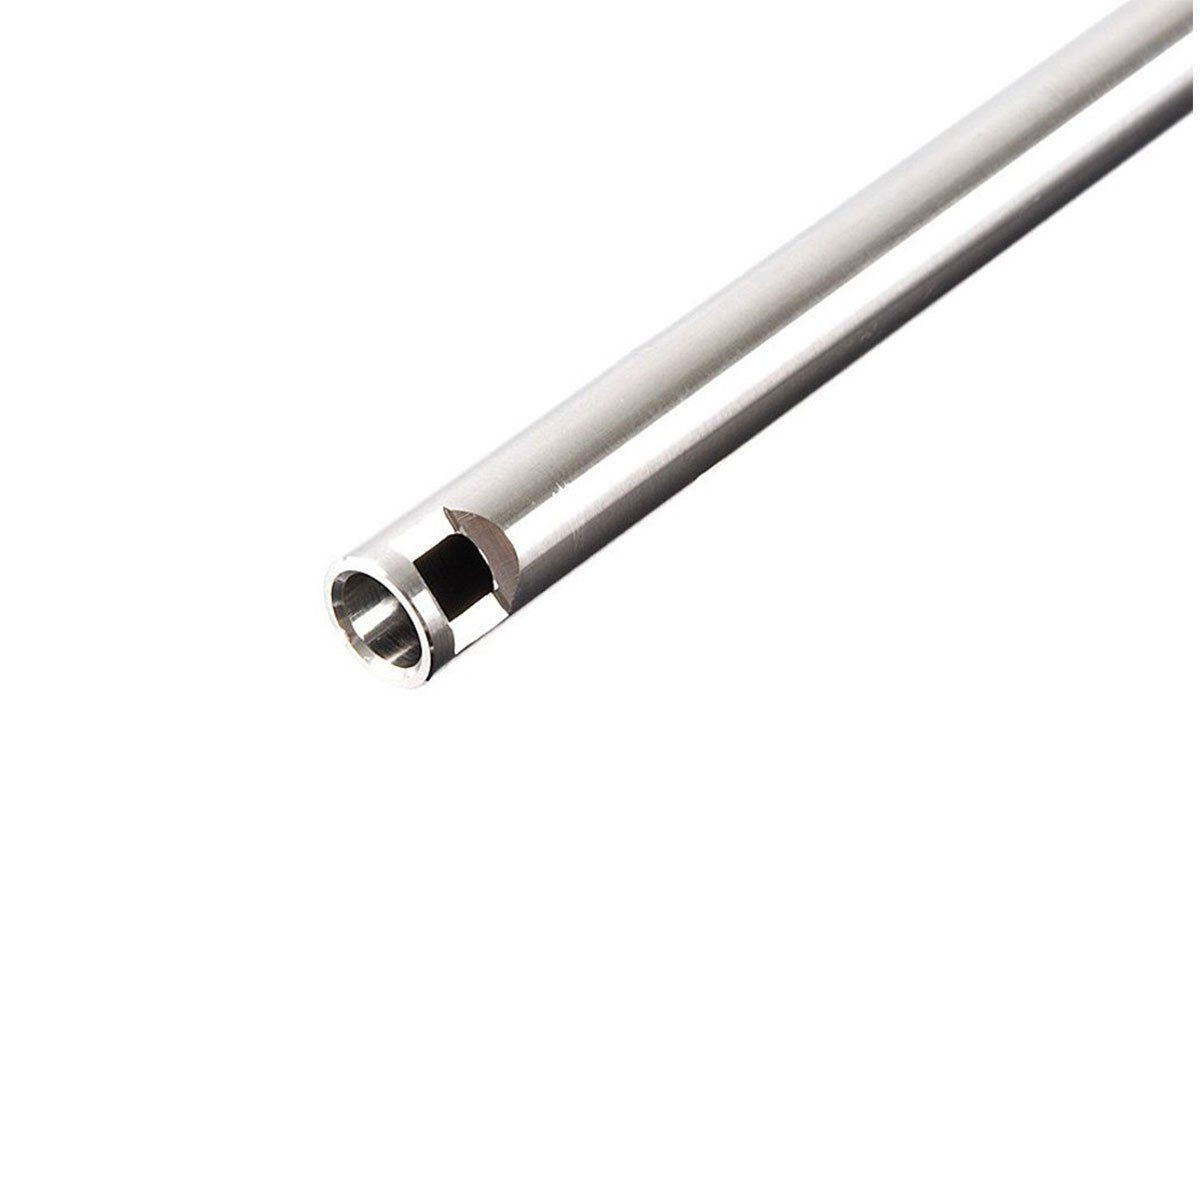 Cano de Precisao em Aco Inox - 275MM 6.03 mm